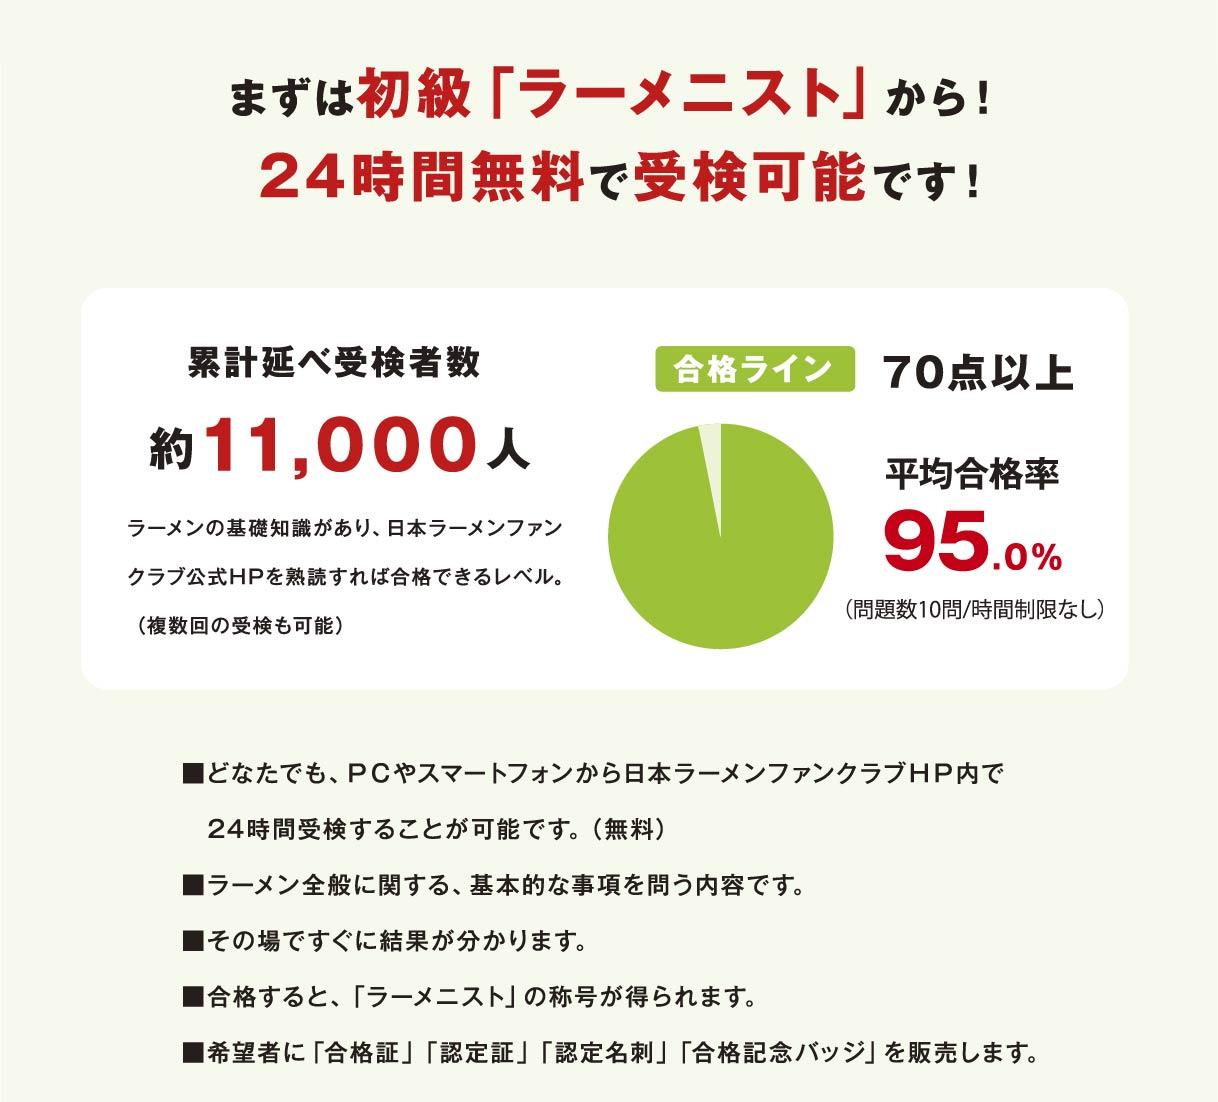 まずは初級ラーメニストから!24時間無料で受検可能です! 累計延べ受検者数約11,000人 ラーメンの基礎知識があり、日本ラーメンファンクラブ公式HPを熟読すれば合格できるレベル。(複数回の受検も可能)合格ライン70点以上 平均合格率95.0%(問題数10問/時間制限なし)■どなたでも、PCやスマートフォンから日本ラーメンファンクラブHP内で24時間受検することが可能です。(無料)■ラーメン全般に関する、基本的な事項を問う内容です。 ■その場ですぐに結果が分かります。■合格すると、「ラーメニスト」の称号が得られます。   ■希望者に「合格証」「認定証」「認定名刺」「合格記念バッジ」を販売します。